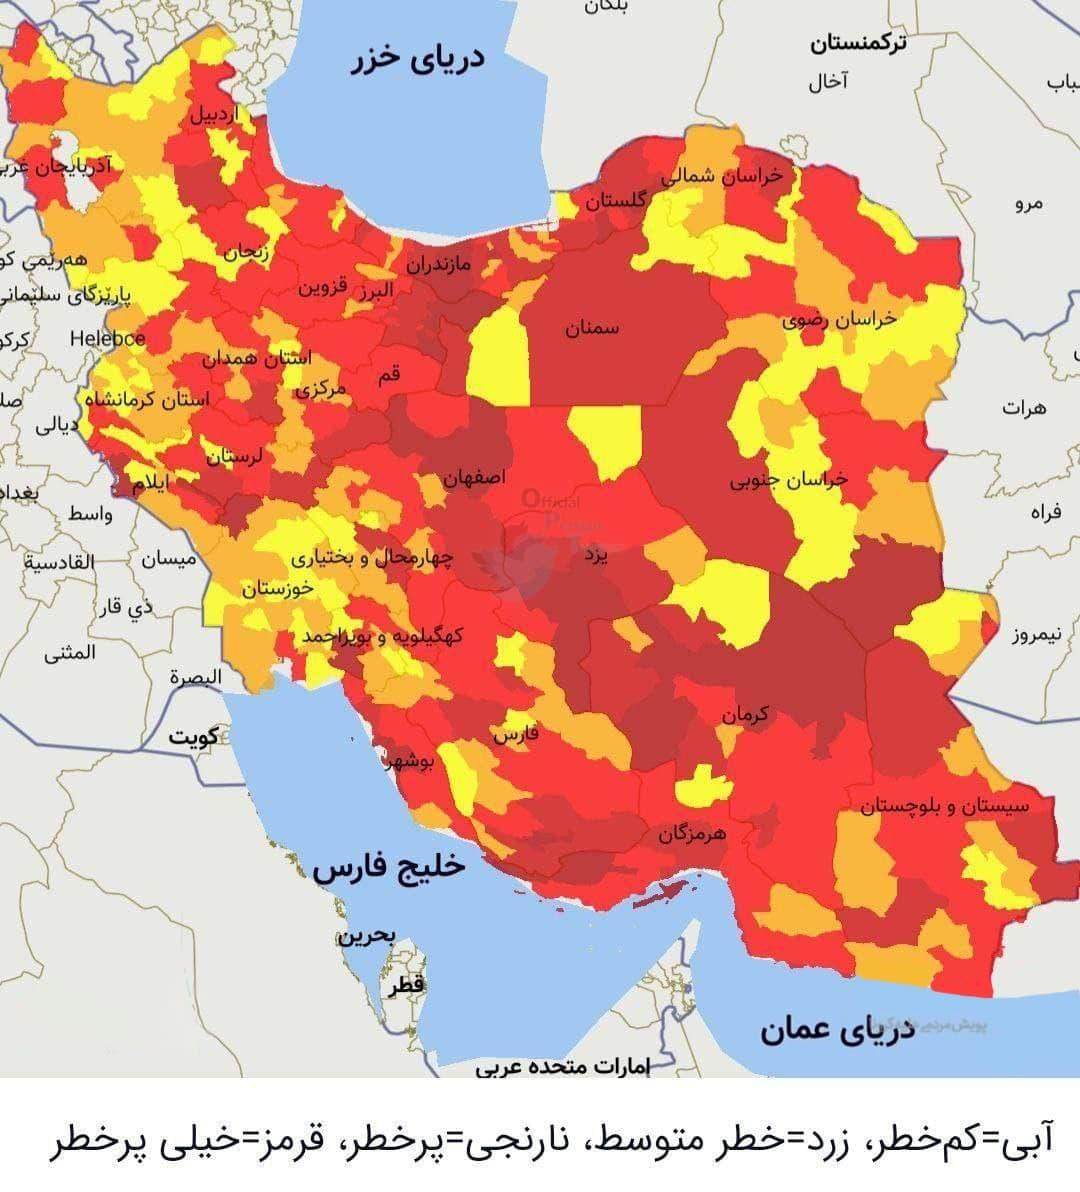 نقشه کرونایی ایران تقریبا یکدست قرمز شد+عکس